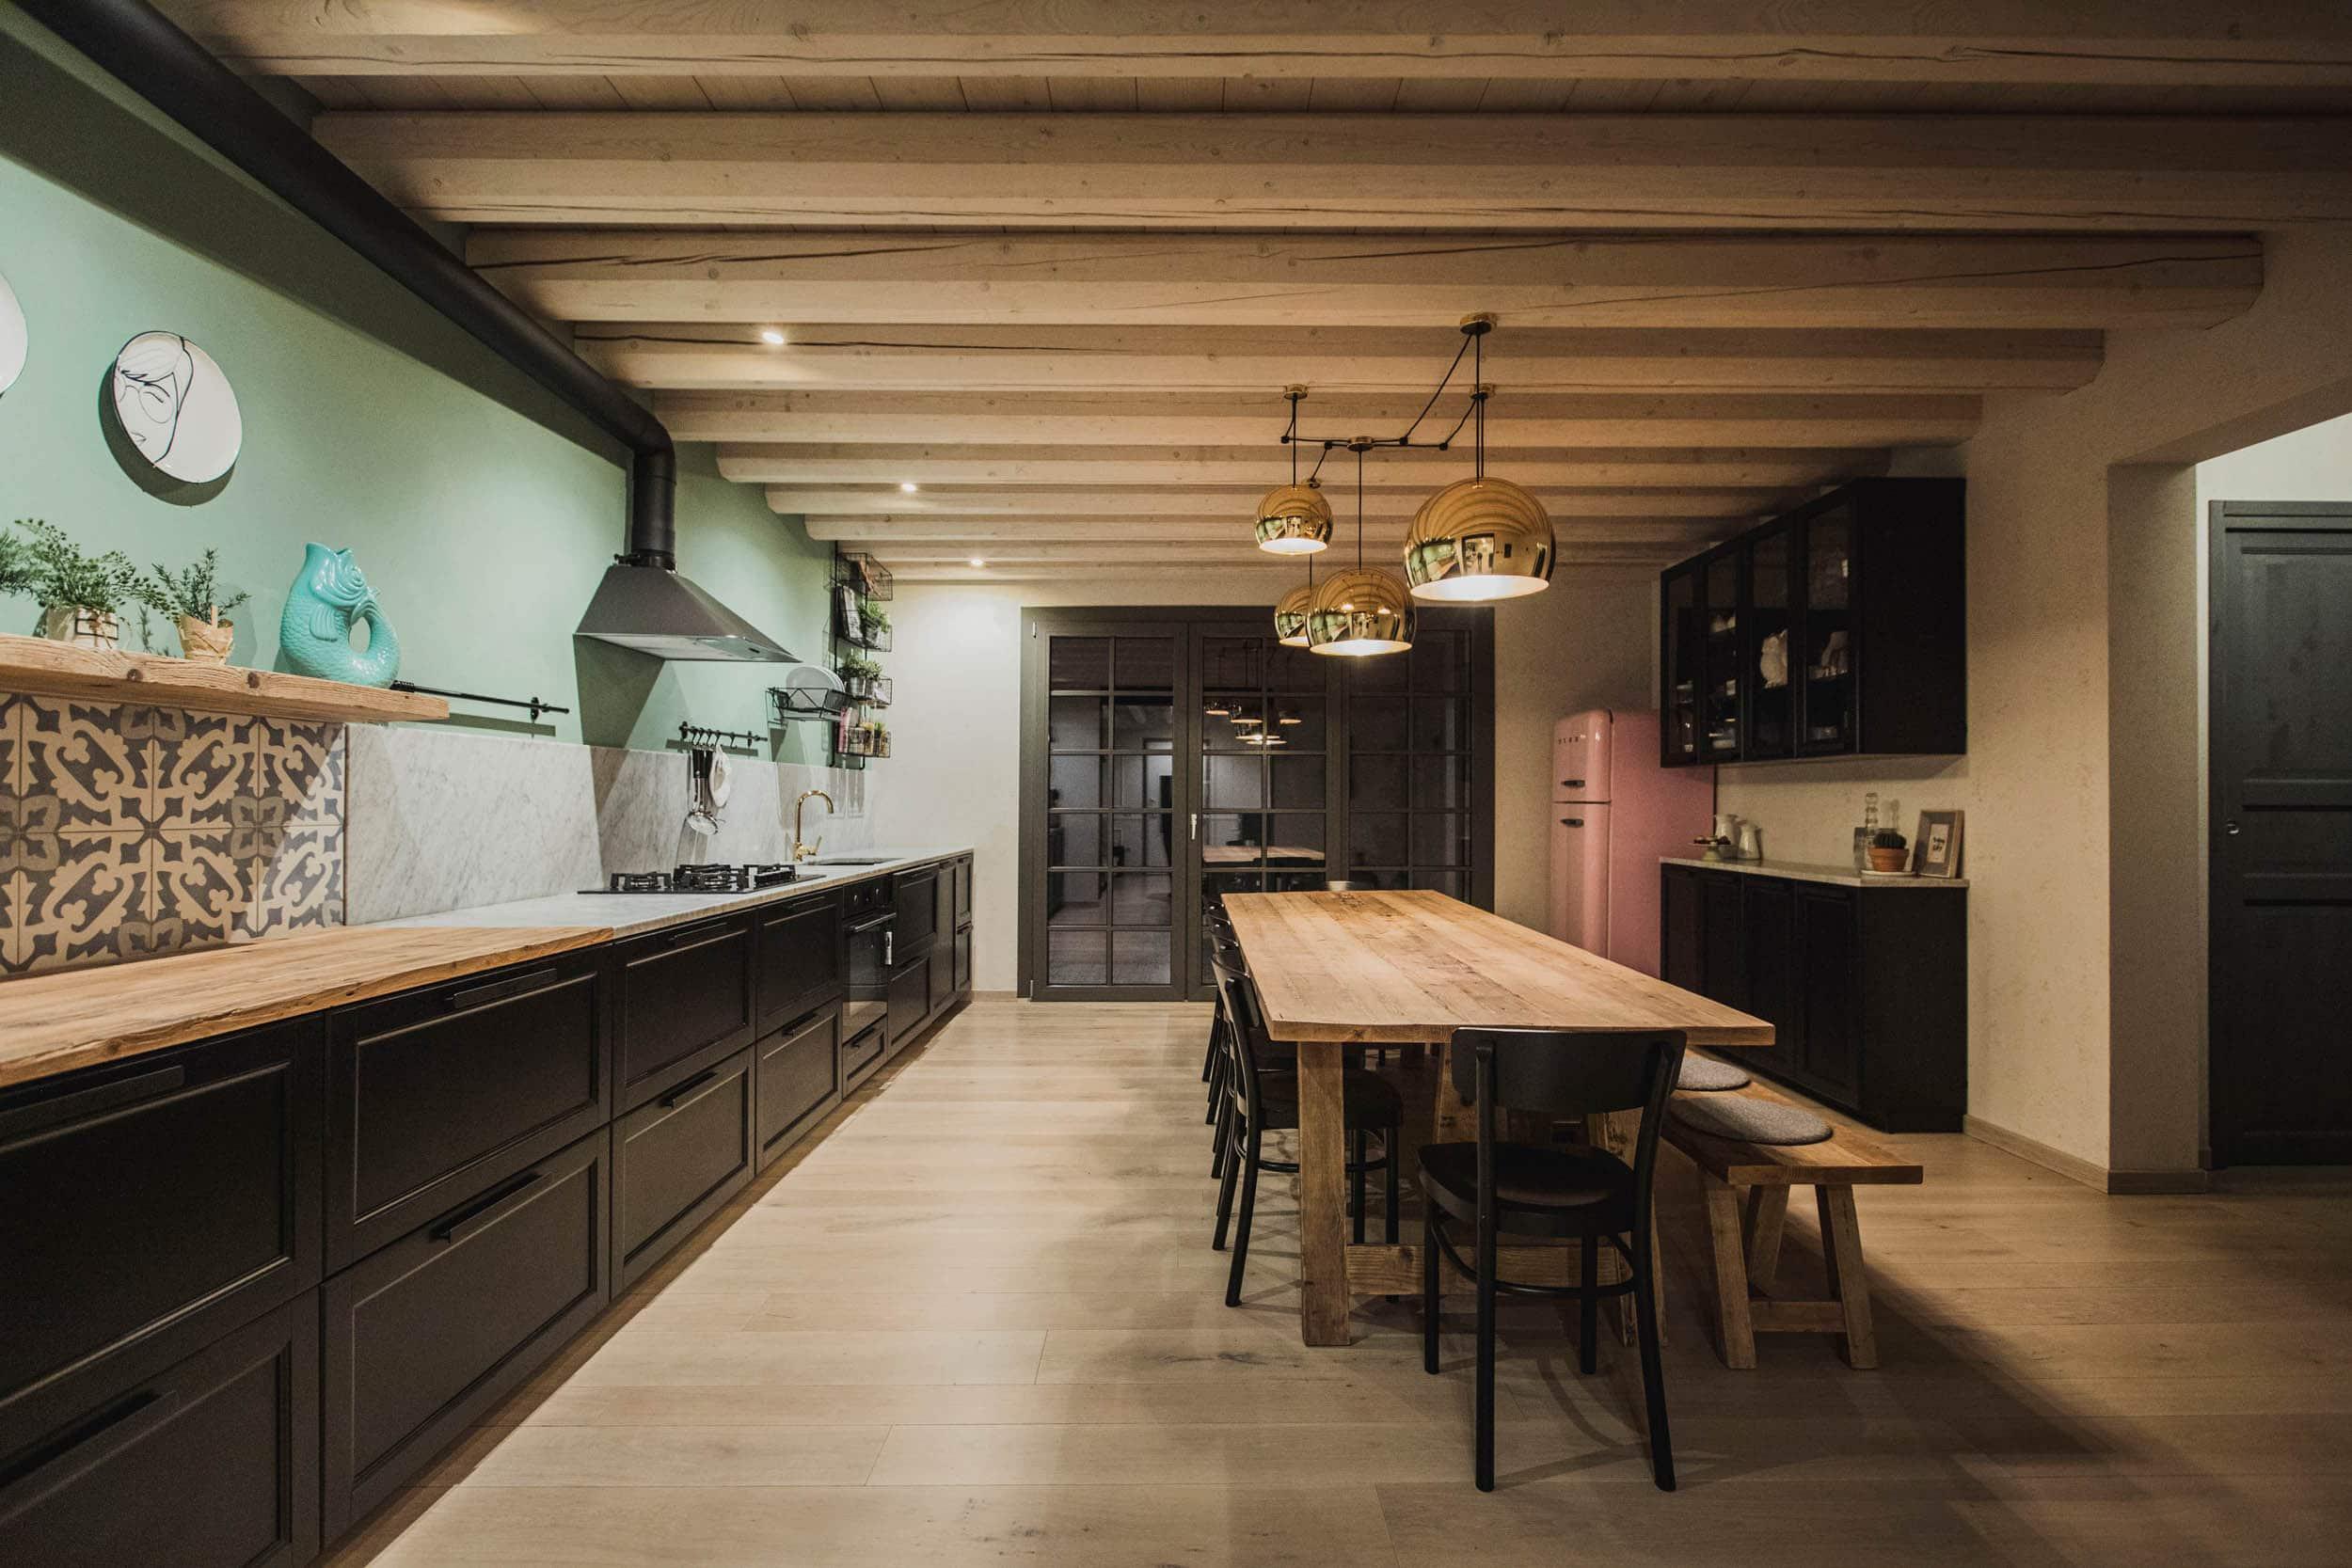 SPHERE_cucina_pranzo (4)_villa_SC_scort_lampada_design_cucina_soffitto_travi_vista